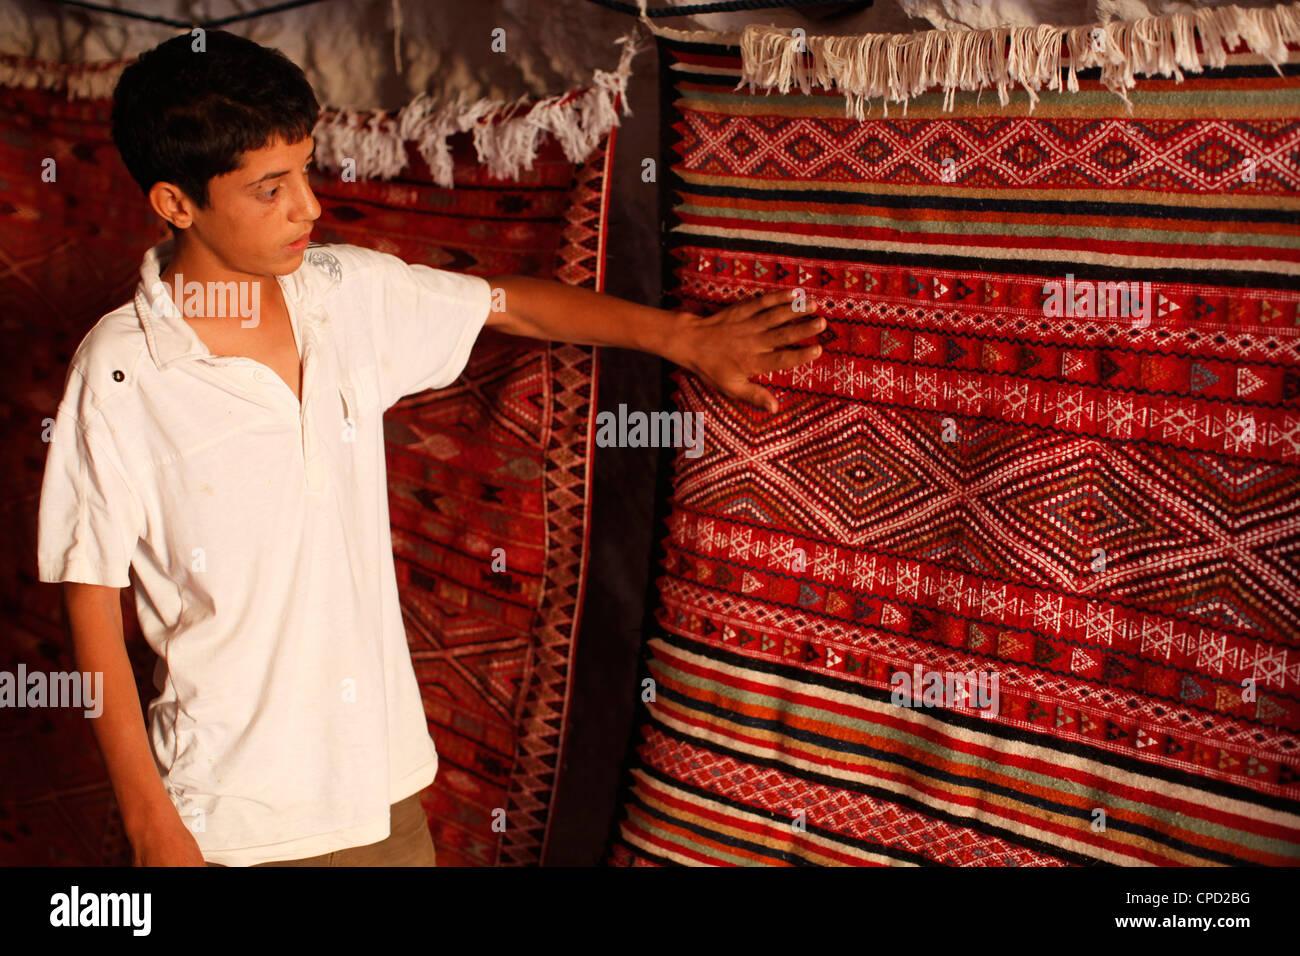 Jungen zeigen einen Teppich in einem Teppich Shop, Toujane, Tunesien, Nordafrika, Afrika Stockbild